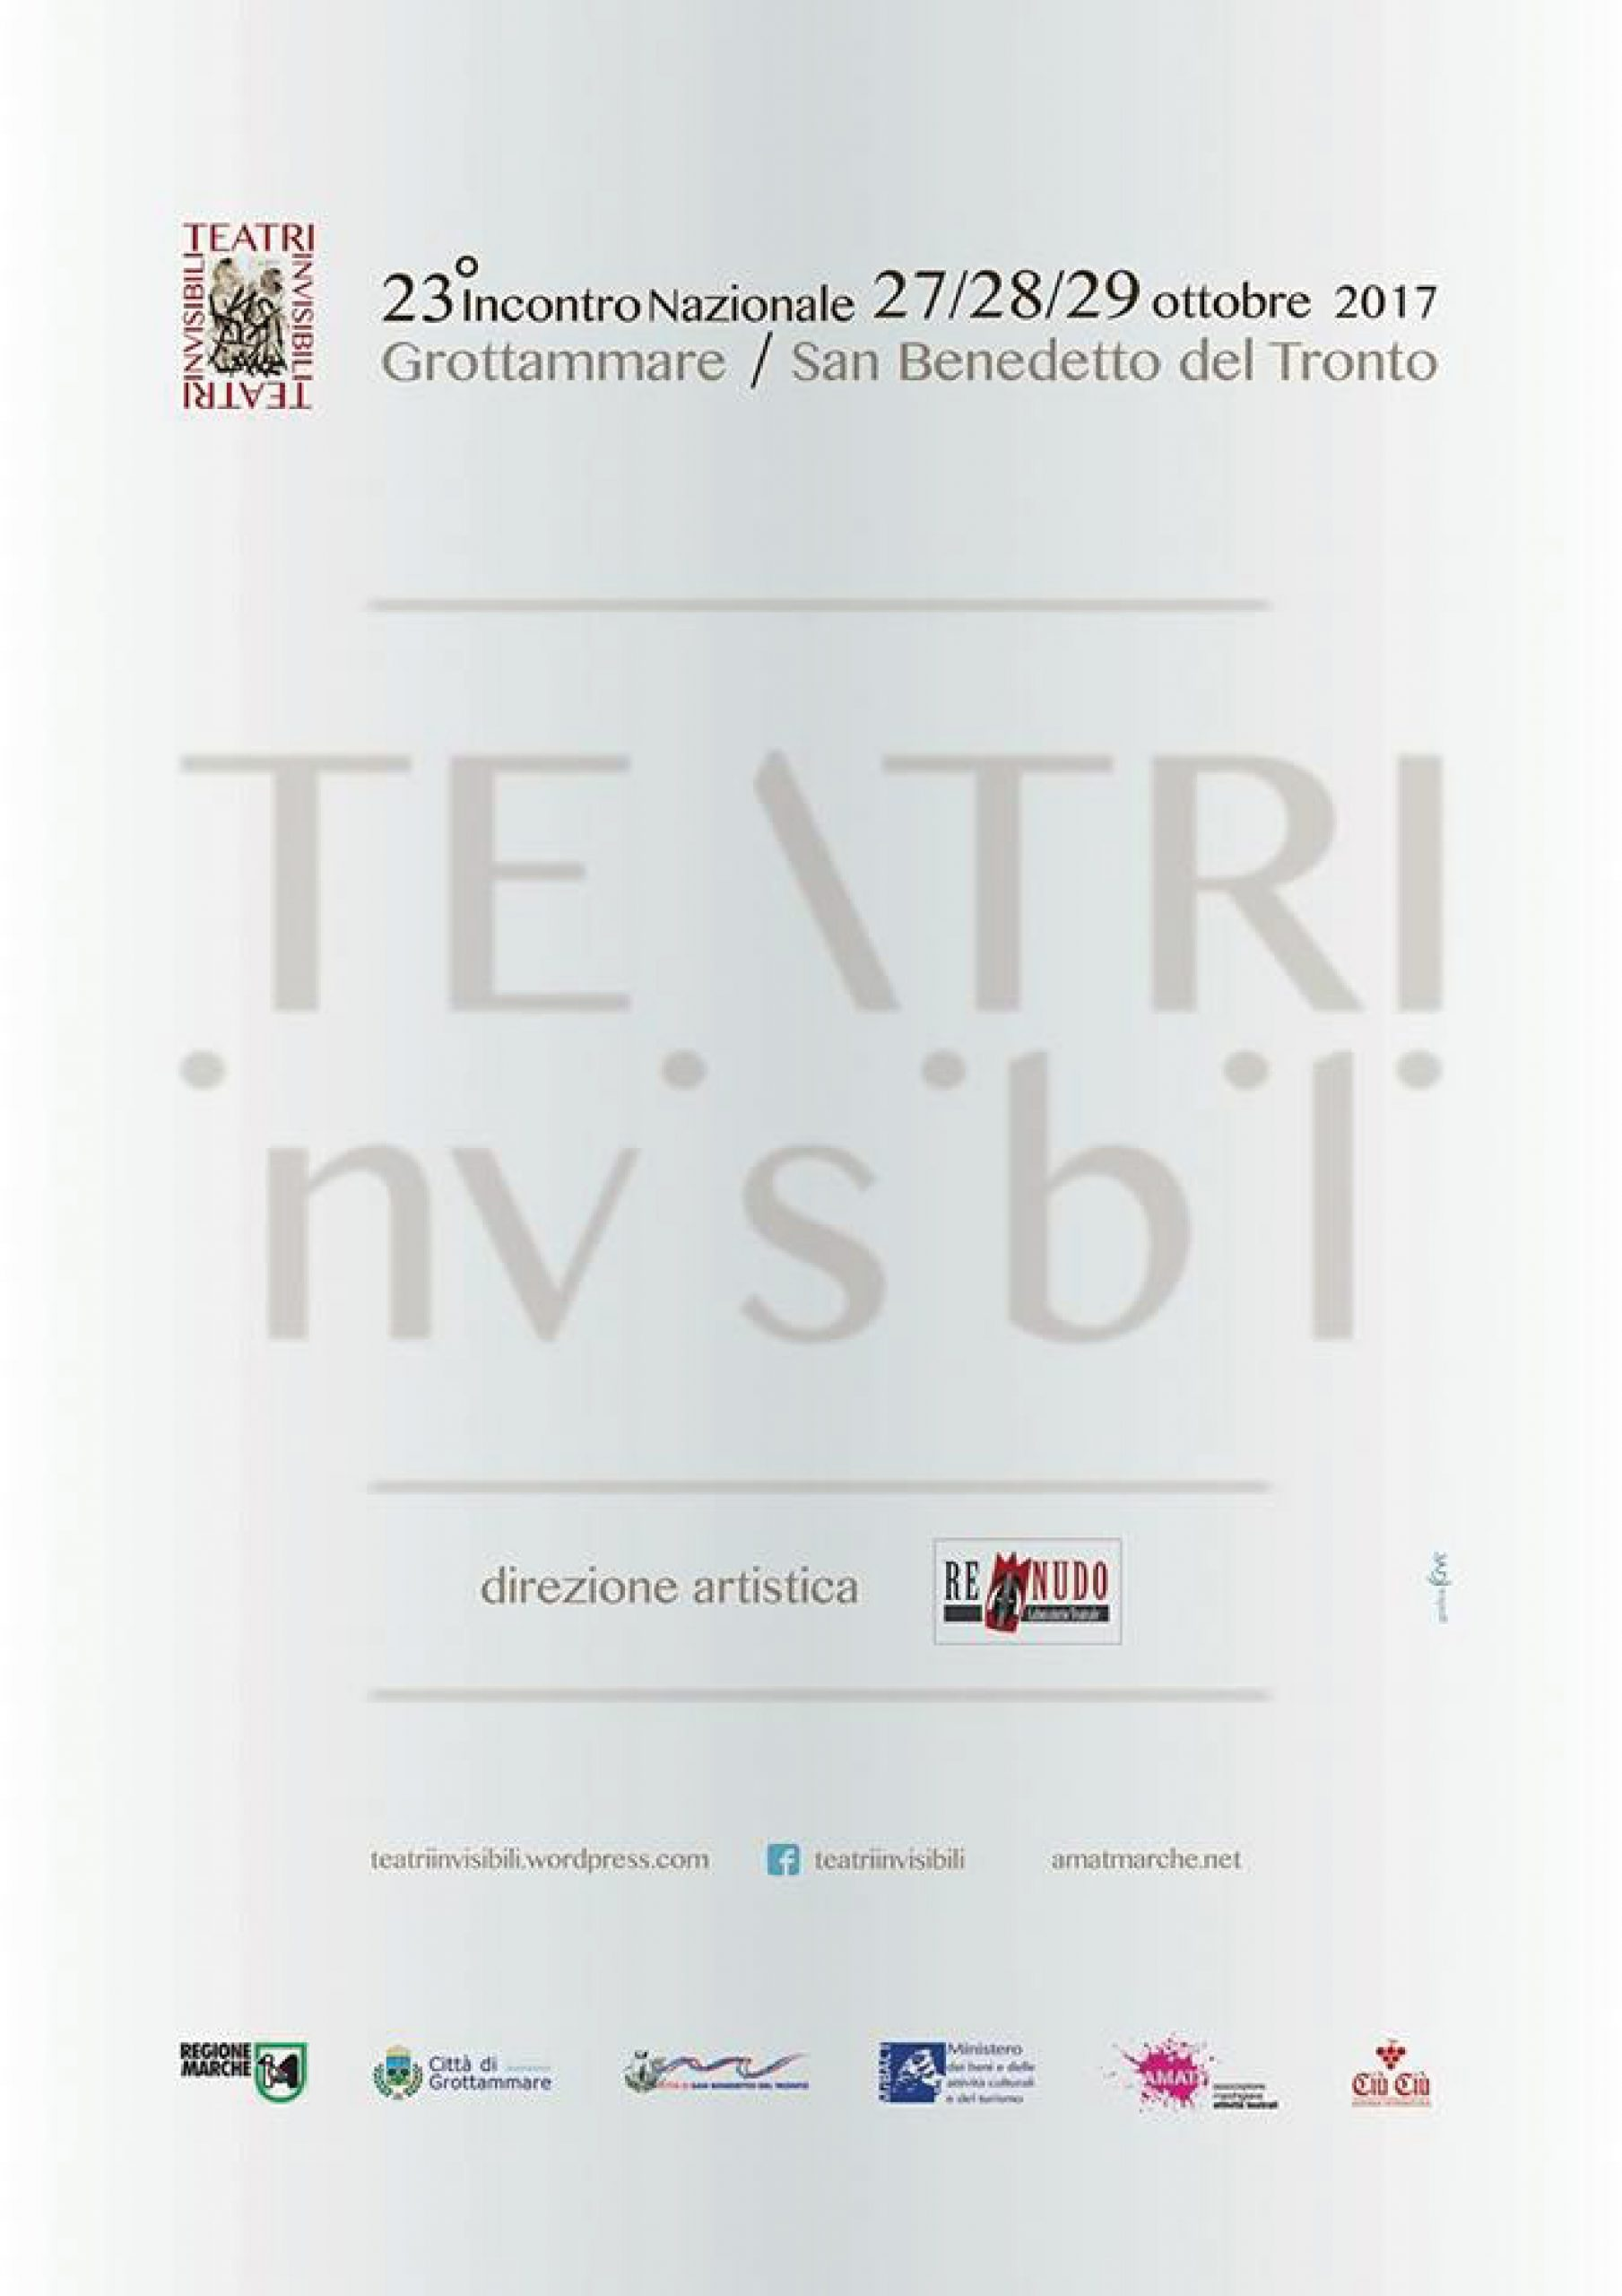 09_teatrinvisibili